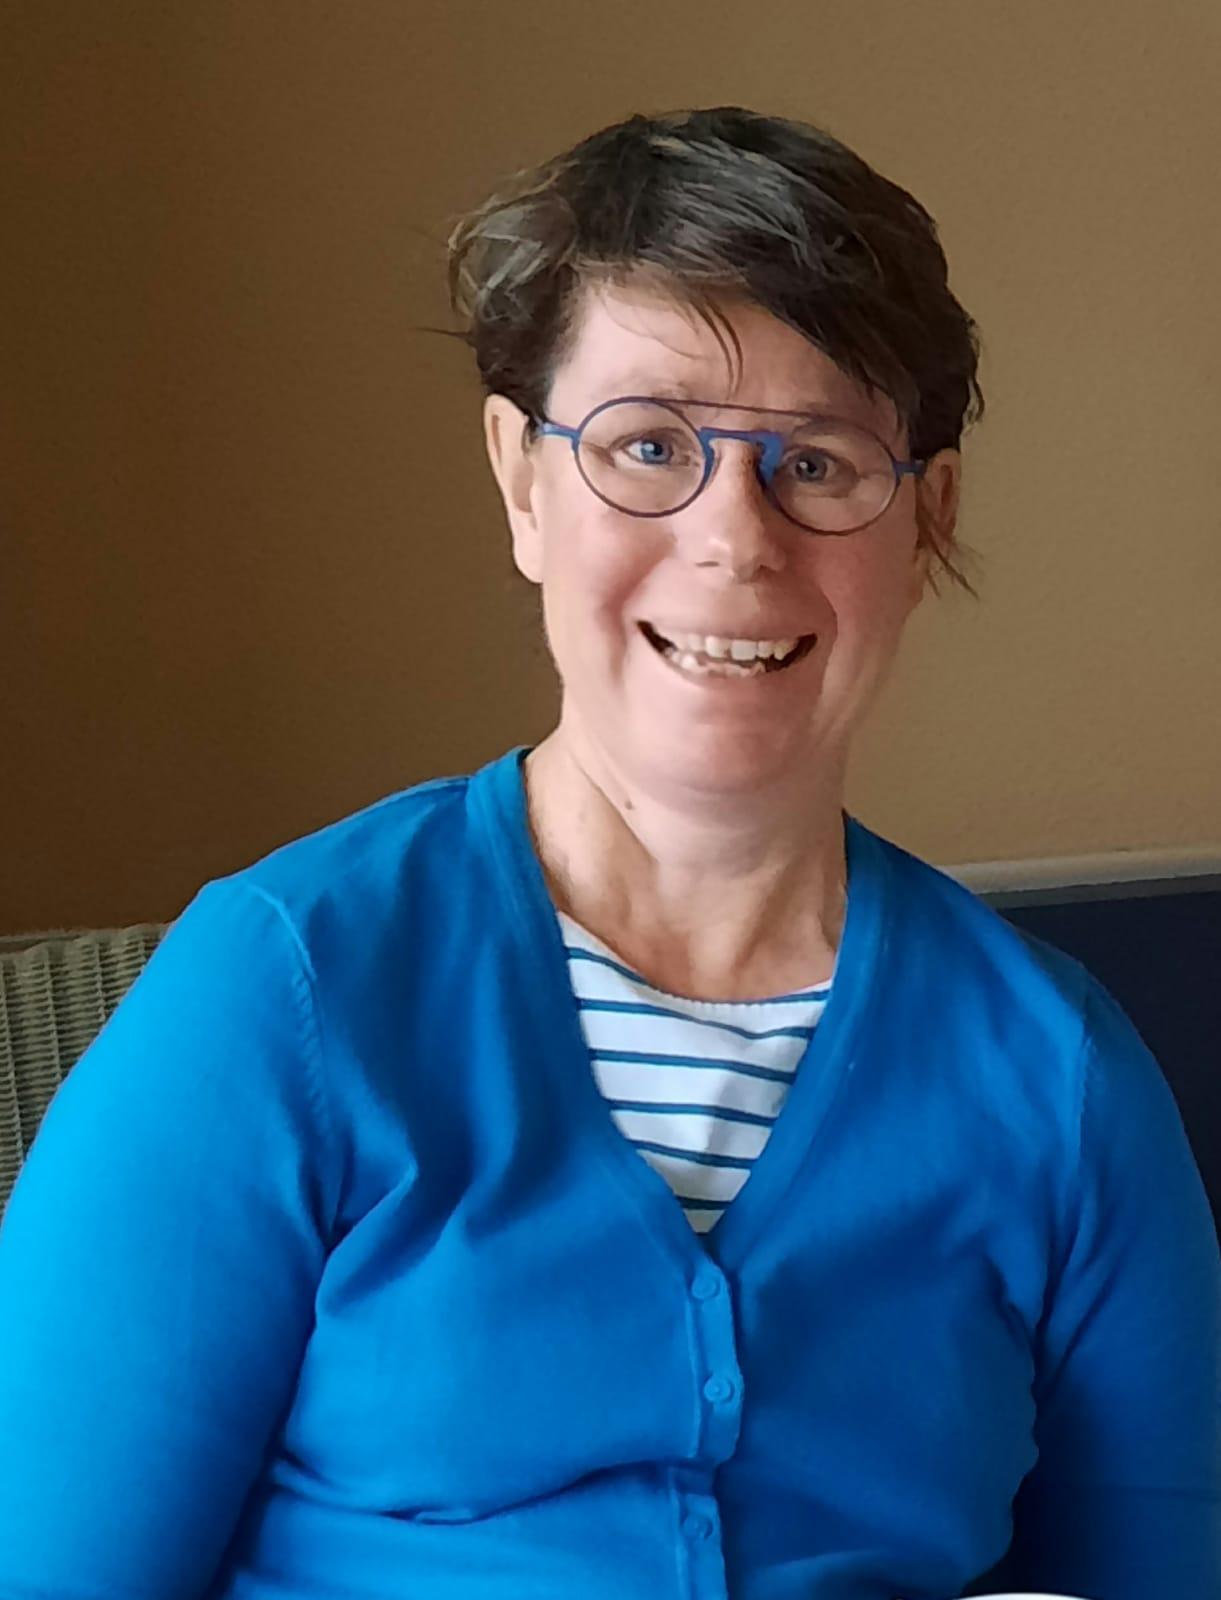 Gea van der Vaart-Maas, masseur in Amersfoort